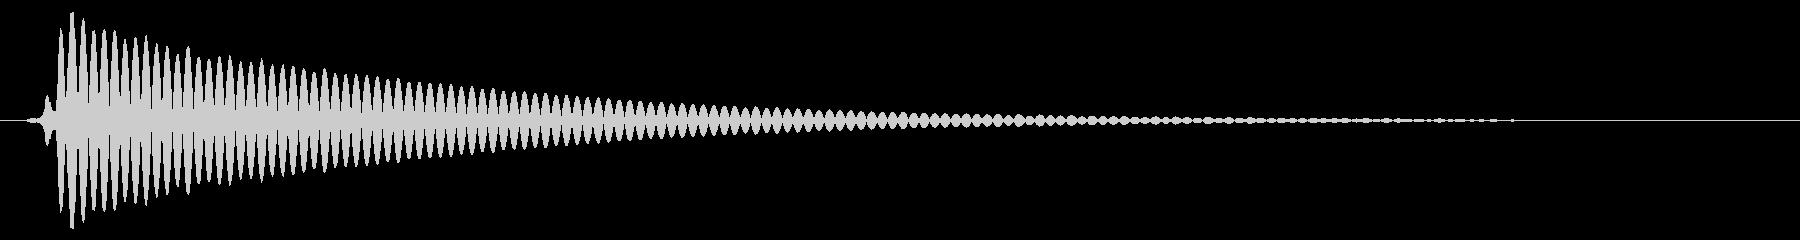 ゲームの食事シーンに最適な効果音の未再生の波形